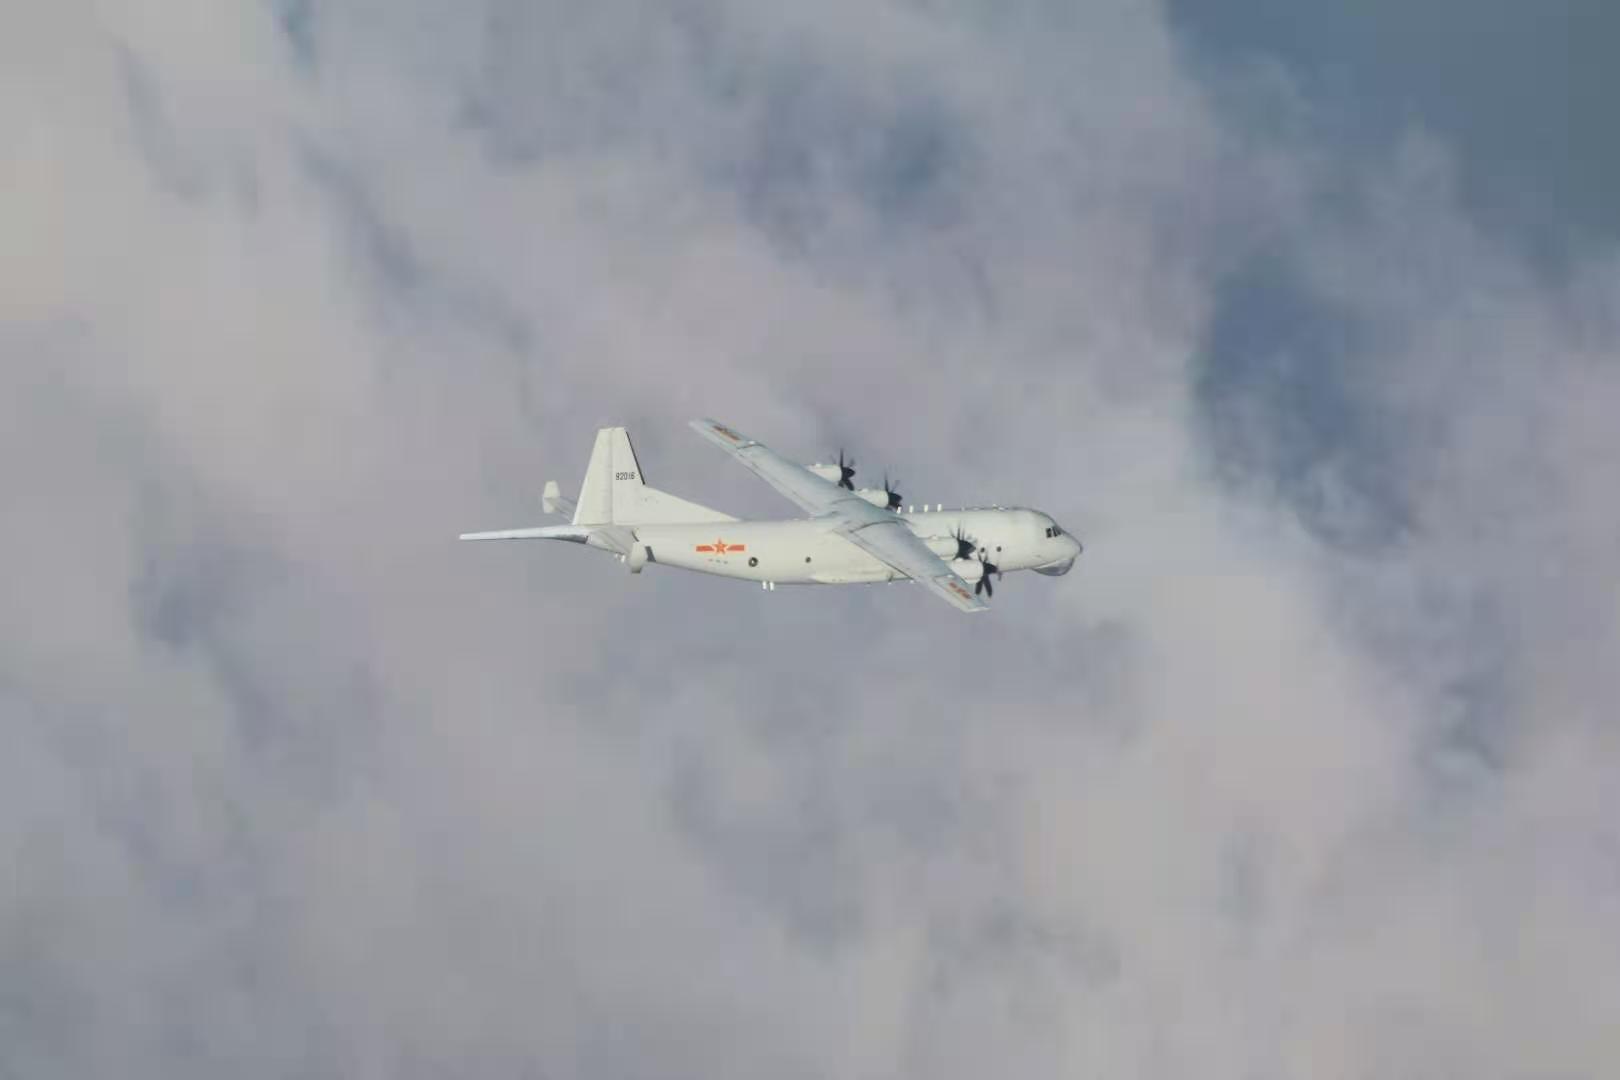 比昨天更多!台防务部门证实:15架次解放军军机今日进入台湾西南空域图片